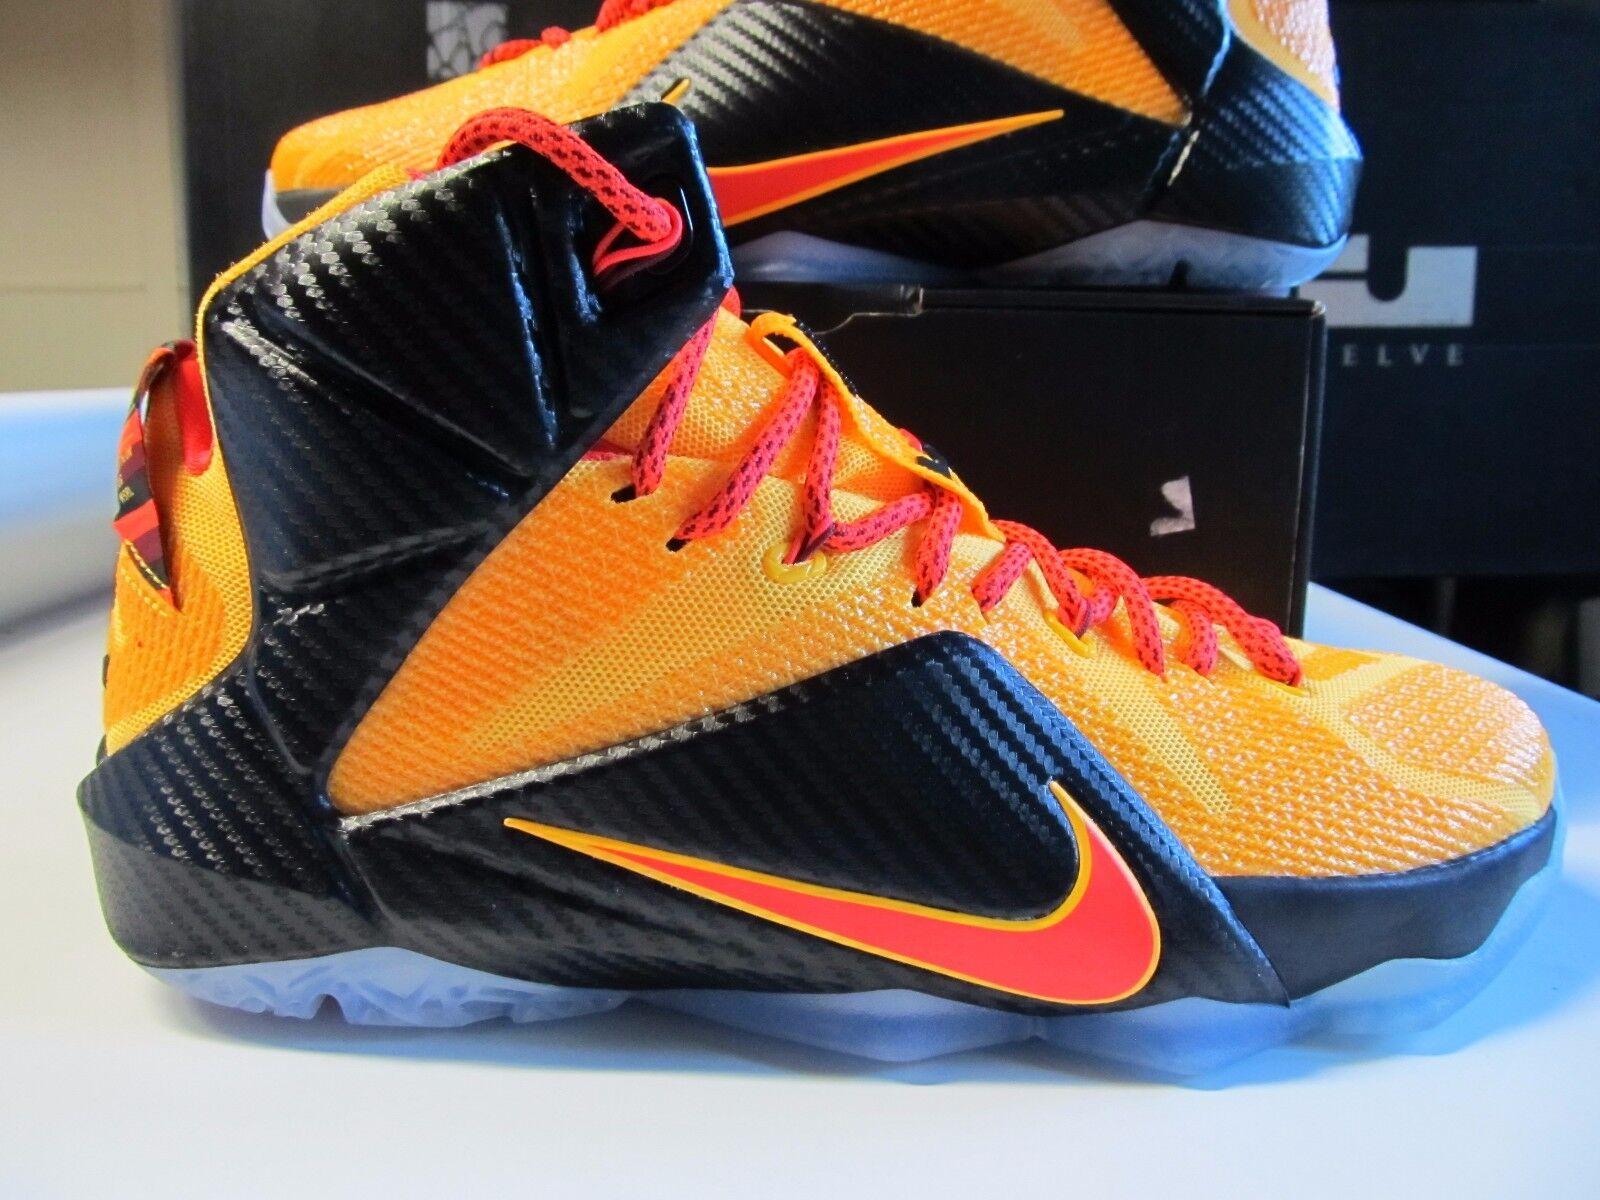 Nike Lebron XII 12  200 CLEVELAND WITNESS Laser orange Crimson 684593 830 Cavs